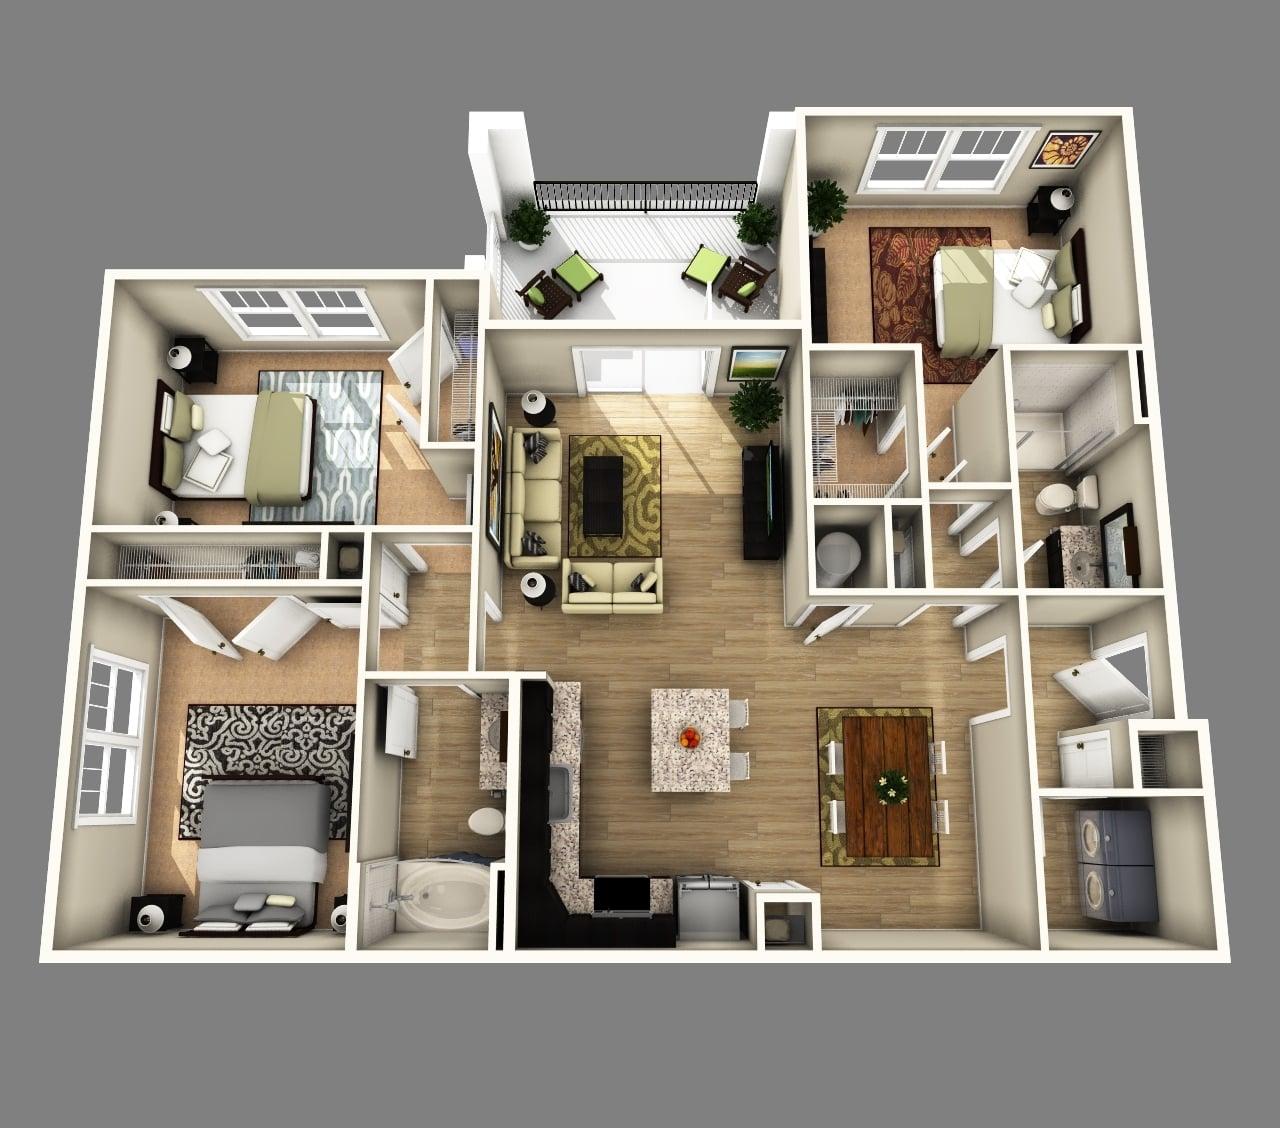 73 Contoh Desain Denah Rumah Minimalis Modern 1 Lantai 3 Kamar Terbaru dan Terlengkap